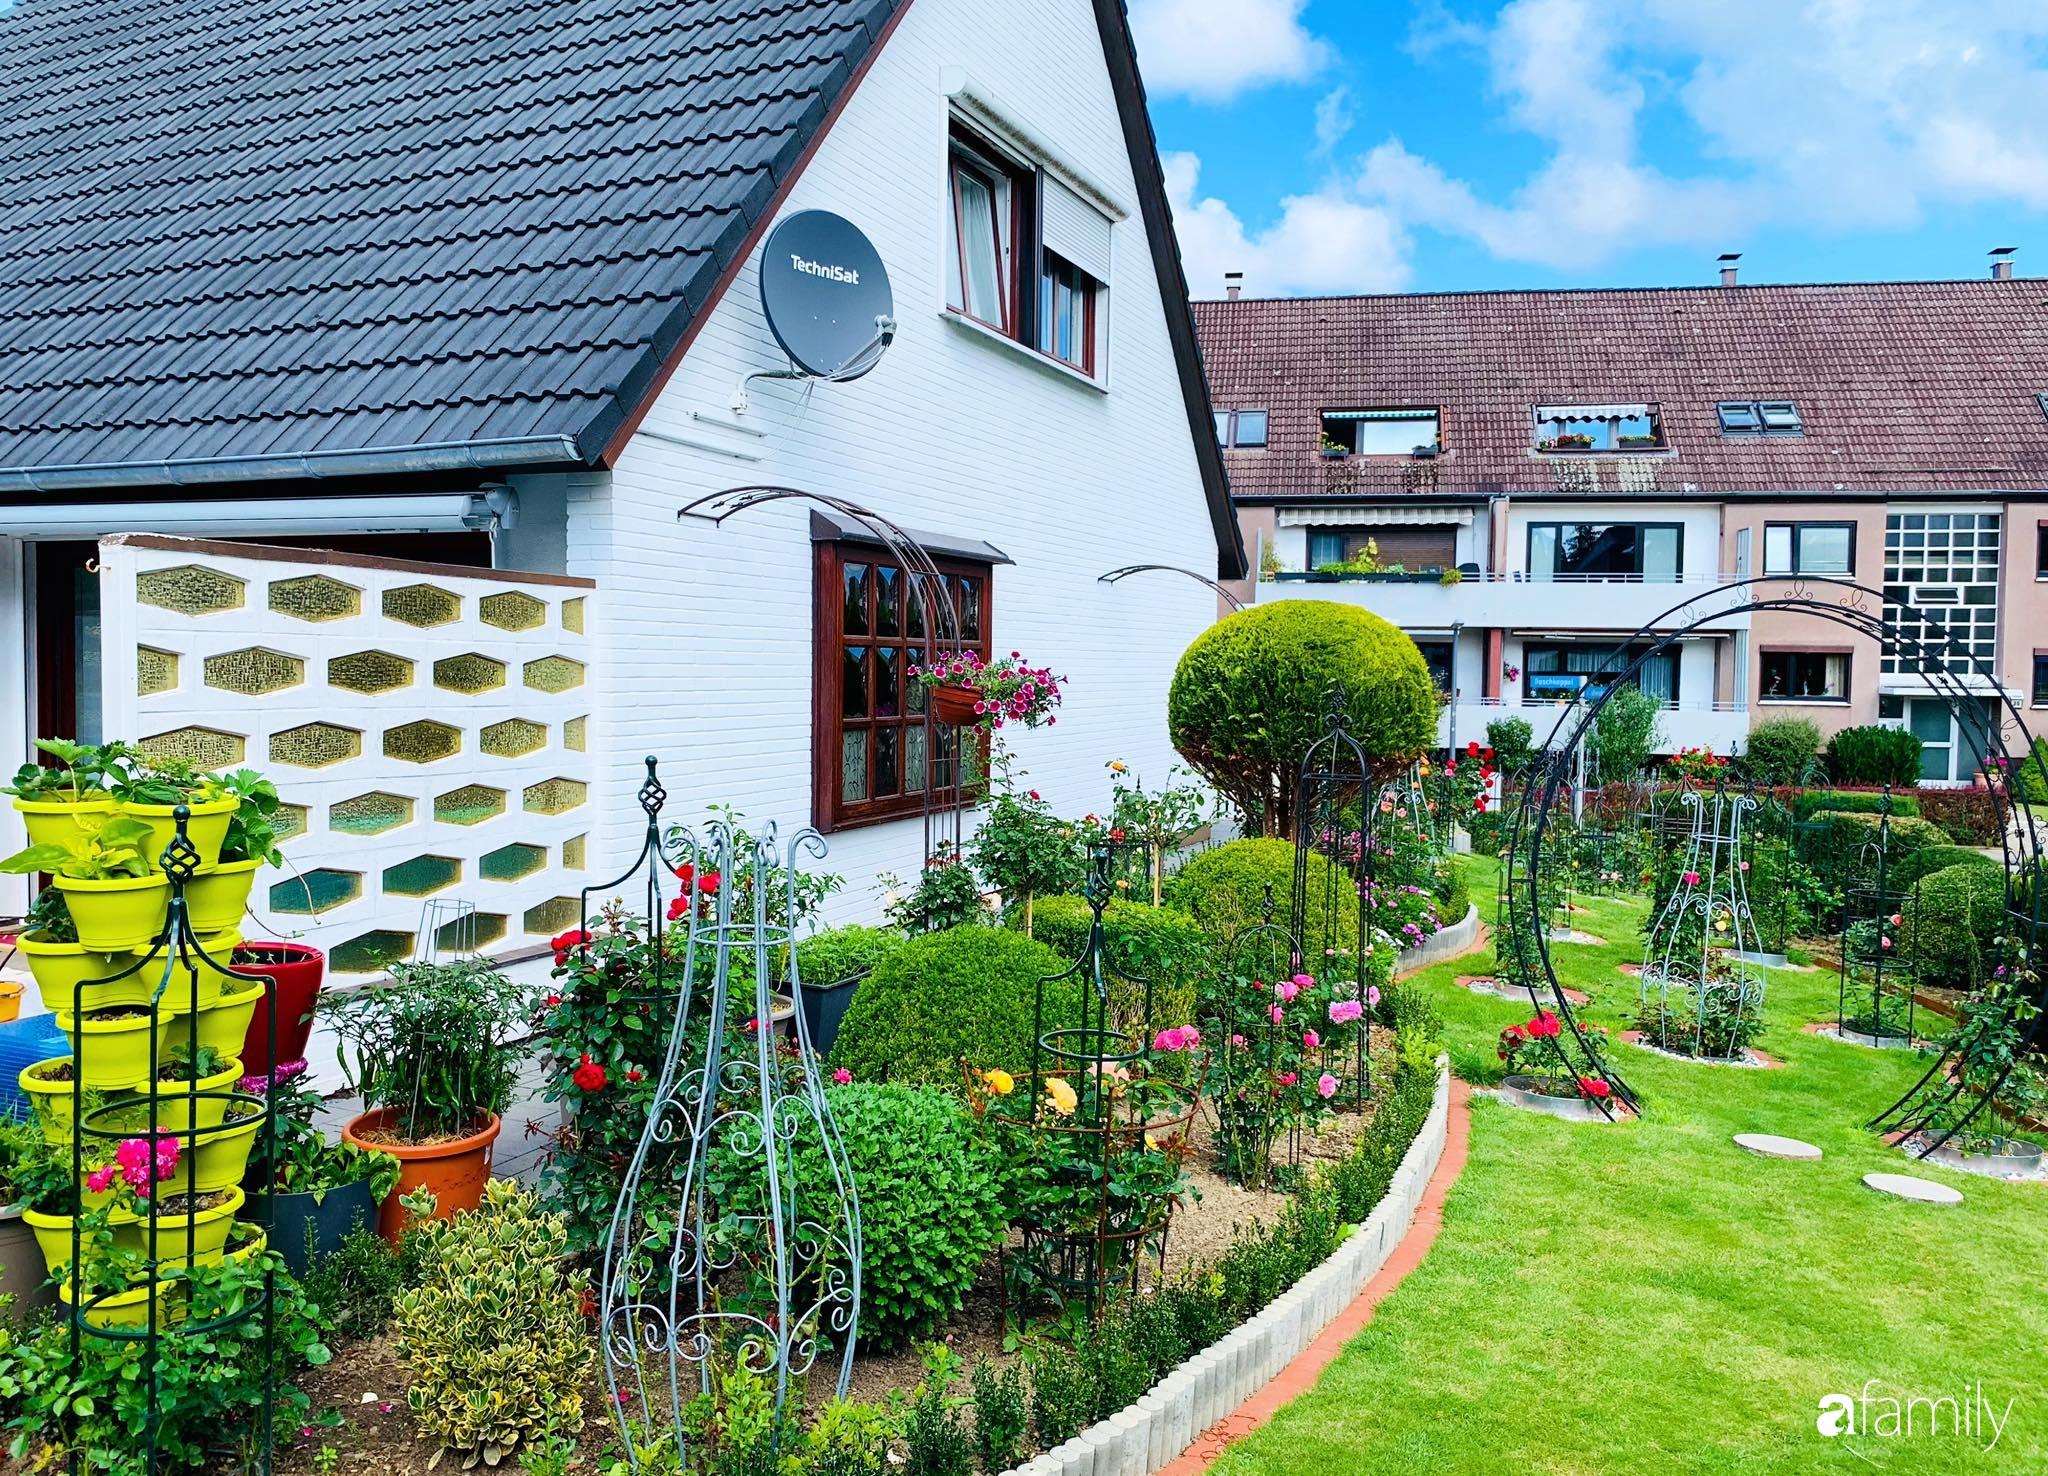 """Vườn hoa 500m² đẹp như cổ tích được tạo bởi tình yêu thiên nhiên của cặp vợ chồng dành cả """"thanh xuân"""" để trồng cây - Ảnh 12."""